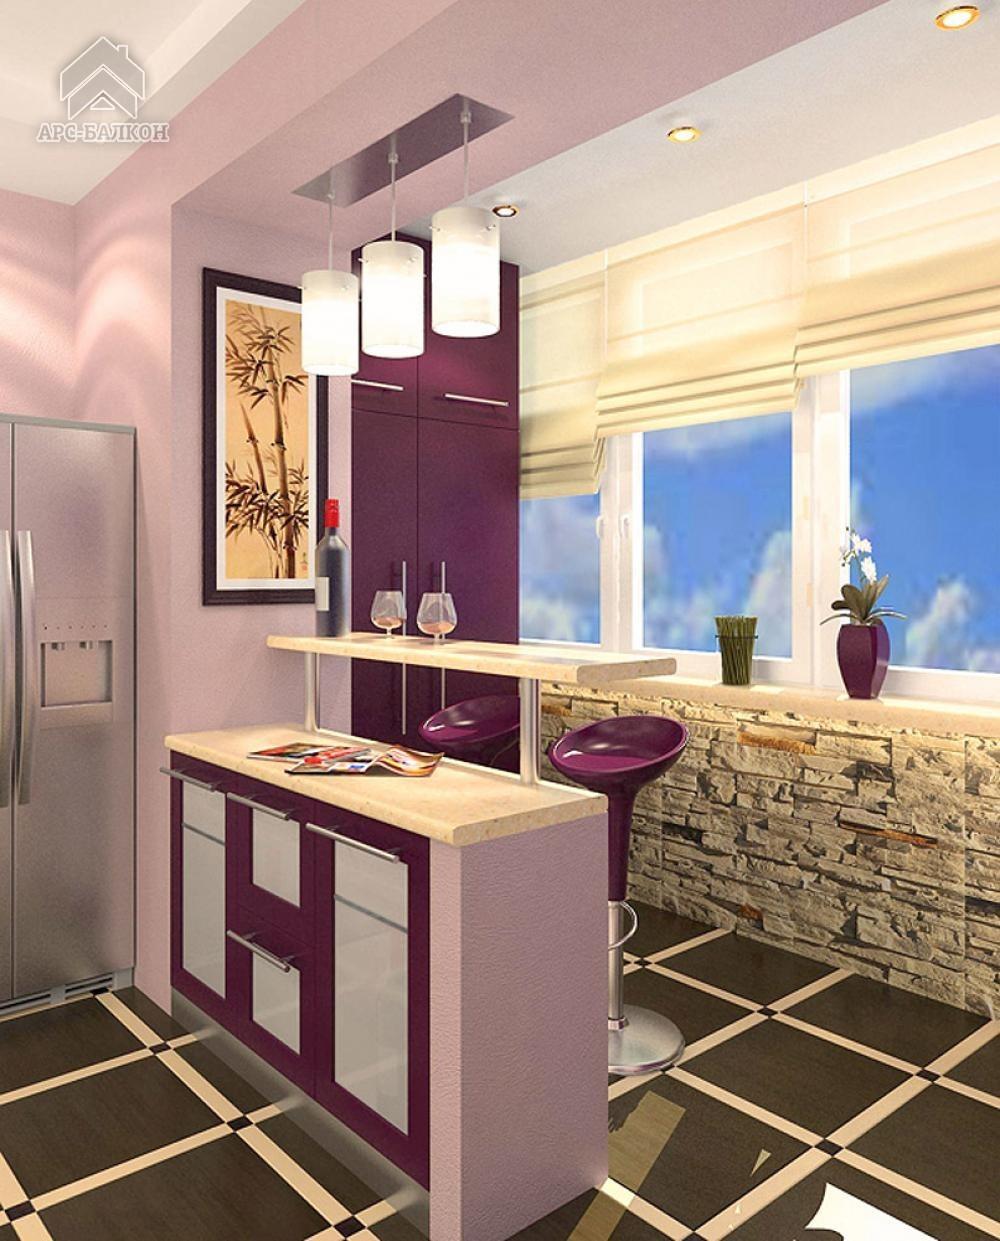 Кухня на лоджии (78 фото): кухня совмещенная с балконом, как.